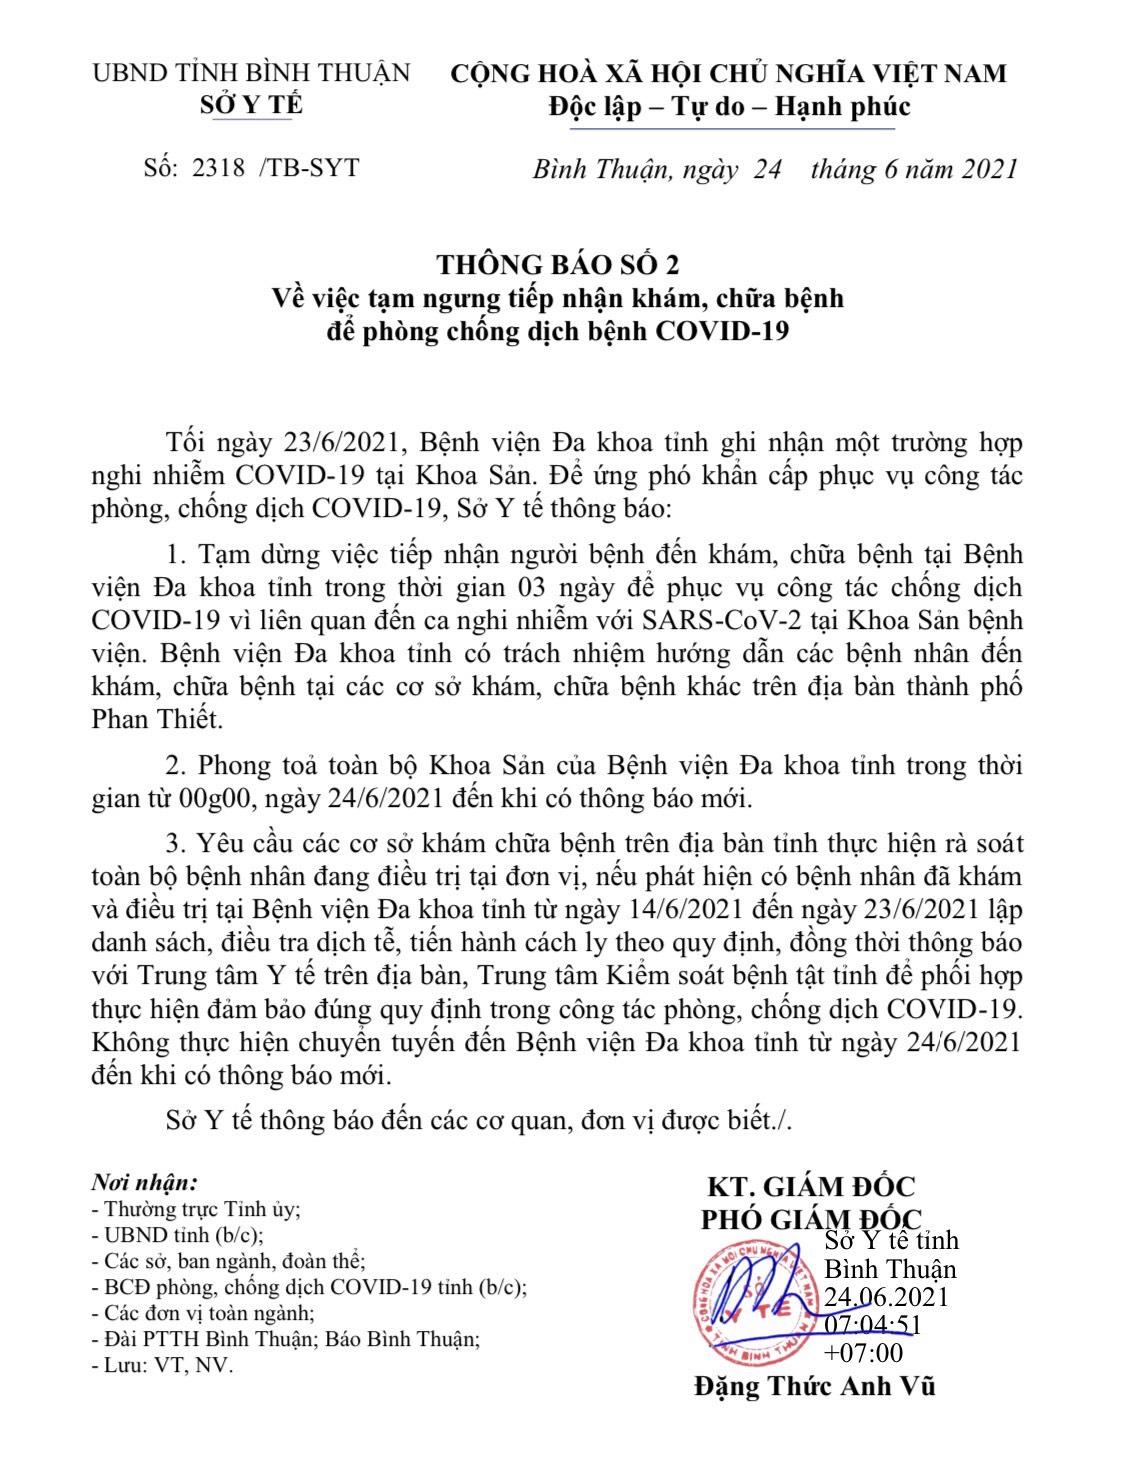 Một bác sỹ khoa sản nghi nhiễm Covid-19, tỉnh Bình Thuận khẩn cấp ngăn chặn - Ảnh 1.